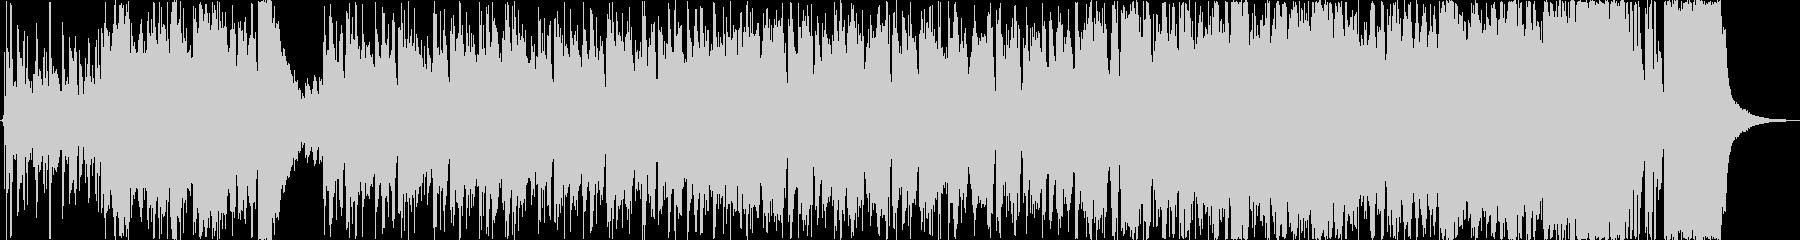 スタイリッシュスパイ/タイトル/PVの未再生の波形